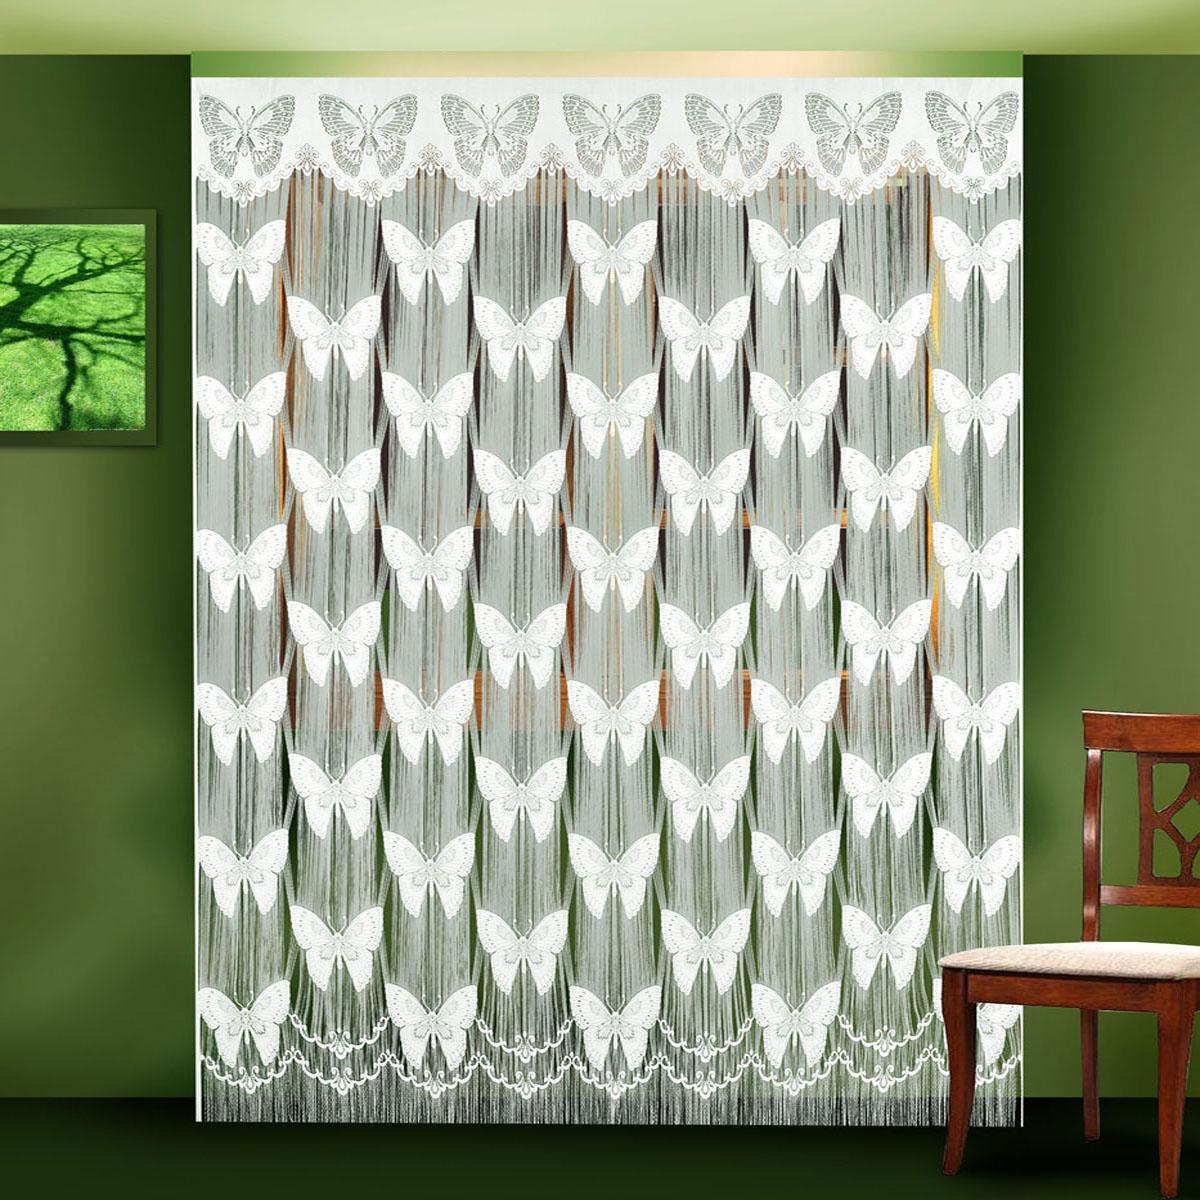 Гардина-лапша Zlata Korunka, цвет: белый, высота 250 см. 8880188801 белыйГардина-лапша Zlata Korunka, изготовленная из полиэстера кремового цвета, станет великолепным украшением окна или дверного проема. Гардина выполнена из тонкой бахромы и декорирована вставками в виде ажурных бабочек. Тонкое плетение, необычный дизайн и нежная цветовая гамма привлекут внимание и органично впишутся в интерьер помещения. Верхняя часть гардины не оснащена креплениями.